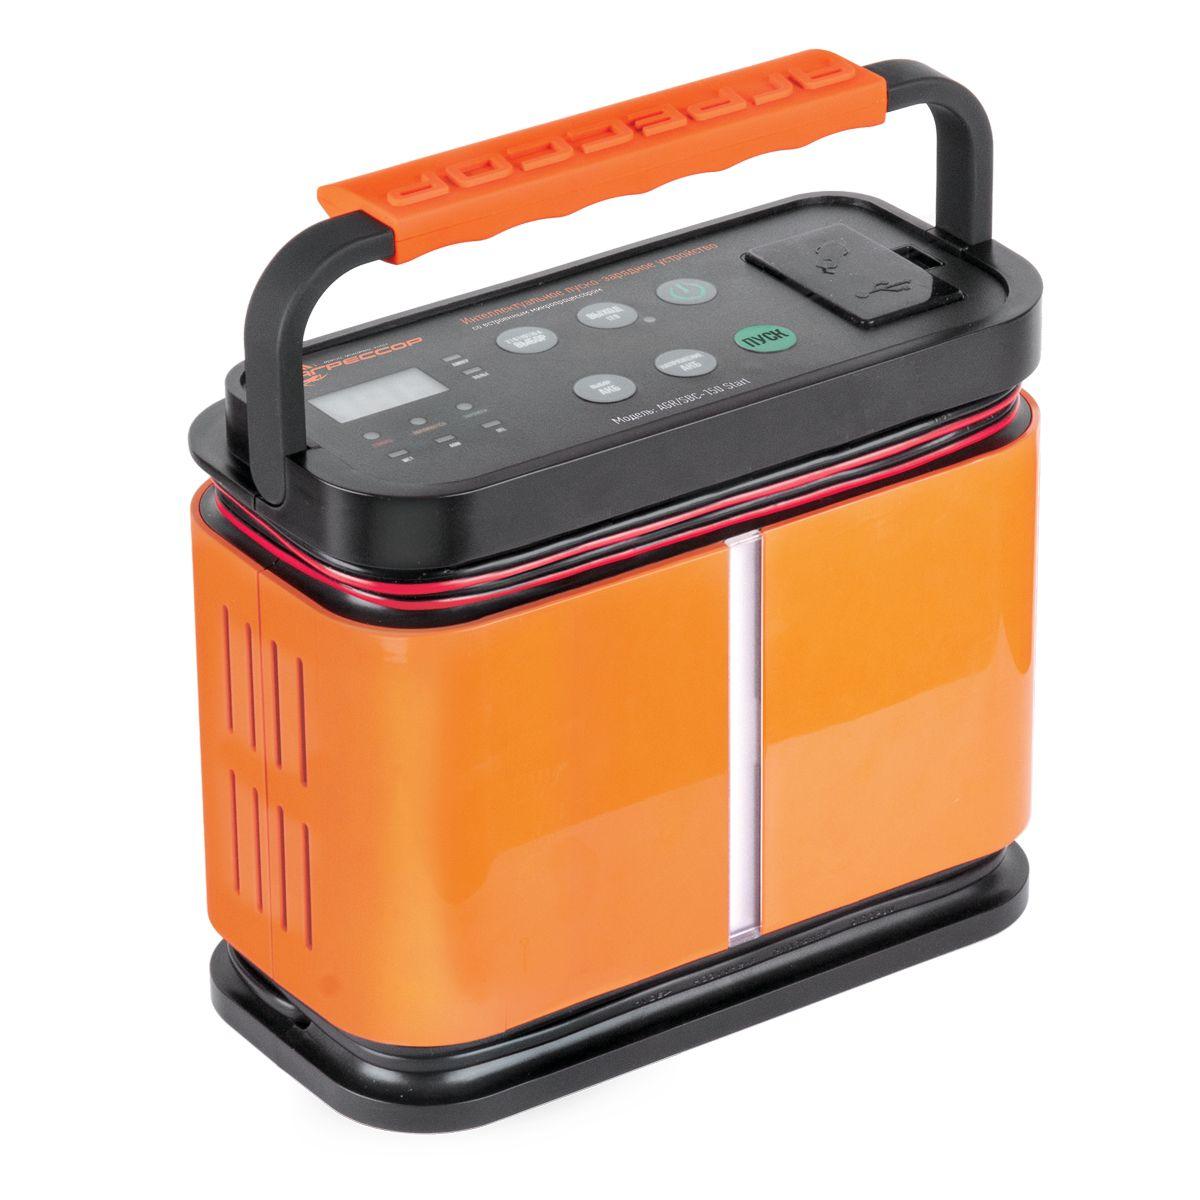 Устройство зарядное цифровое Autoprofi Агрессор AGR/SBC-150 Start, 9 фаз зарядки, ток 2/6/10/15 АAGR/SBC-150 StartЗарядное устройство Autoprofi Агрессор AGR/SBC-150 Start компактно и эргономично: все провода помещаются в специальных нишах, ручка складывается, размеры позволяют без труда разместить его в автомобиле или гараже. Устройство подходит для зарядки всех типов свинцово-кислотных батарей напряжением 12 В. Кроме того, оно заряжает электронные устройства (смартфоны, телефоны, фотоаппараты, плееры и пр.) через встроенные USB- порт или сеть 12 В. Устройство имеет усовершенствованную 9-ступенчатую систему зарядки и встроенный микропроцессор. Это, соответственно, сокращает время зарядки, обеспечивает безопасность и защиту от ошибок. Функция 5-минутной зарядки позволяет устройству быстро передать на батарею заряд, необходимый для запуска двигателя. Есть возможность выбрать оптимальную силу тока, установив один из четырех режимов: 2/ 6/ 10/ 15 А. Для оптимальной зарядки аккумуляторной батареи, в устройстве предусмотрена возможность установить тип АКБ: WET (жидкостный электролит), AGM...